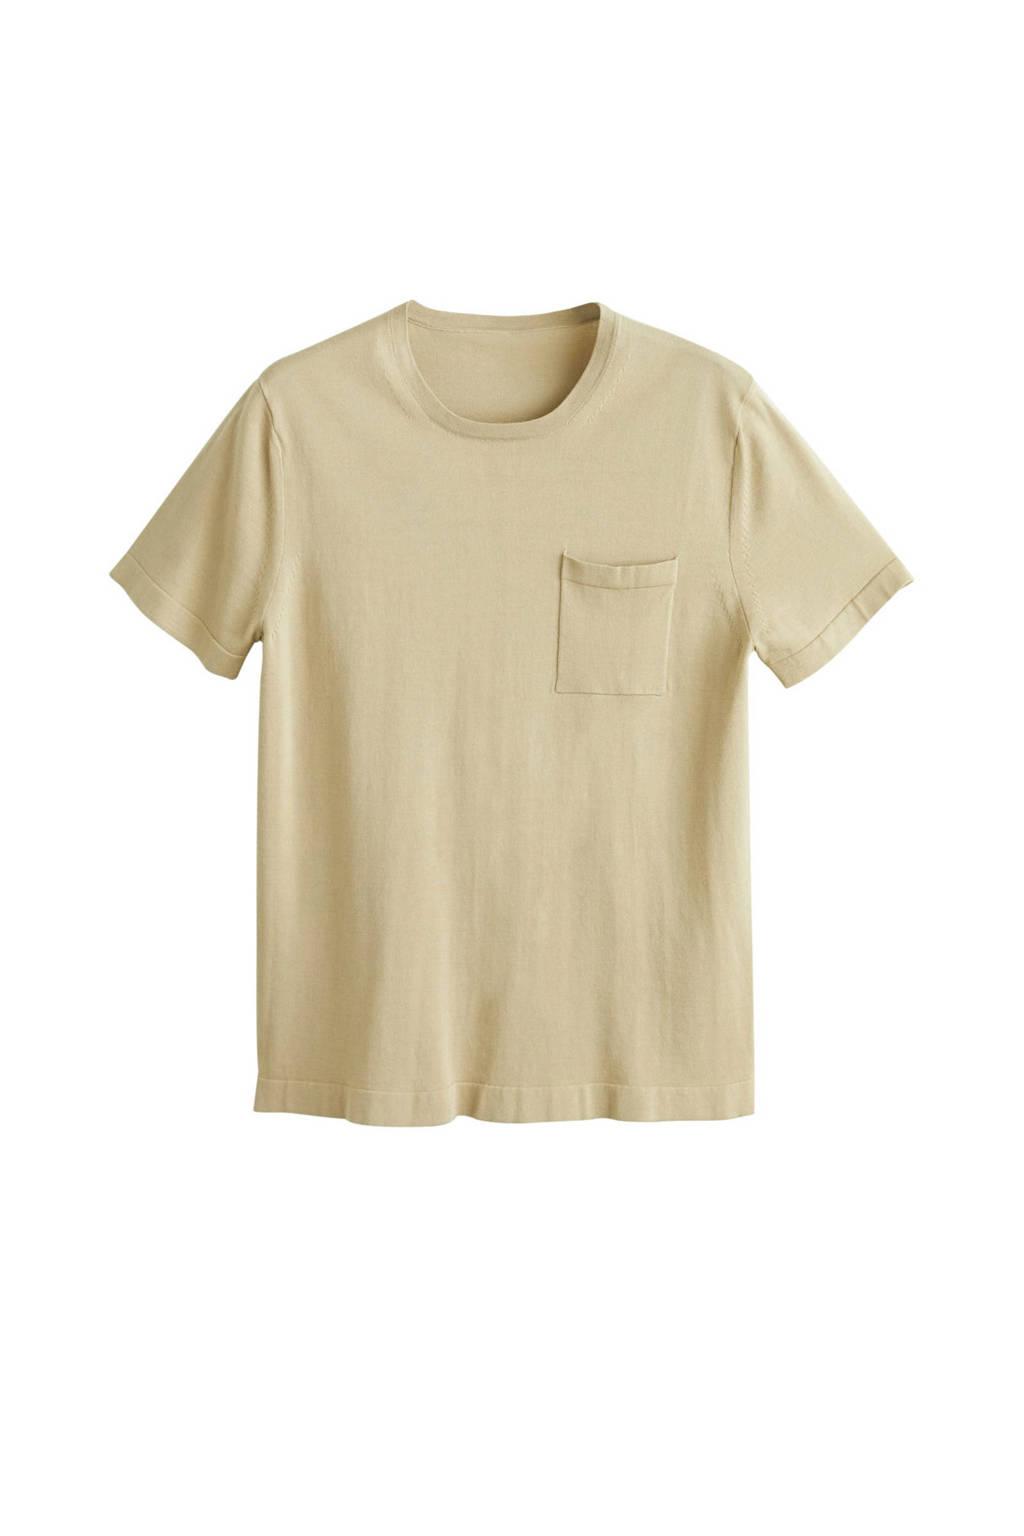 Mango Man fijn gebreid T-shirt, Lichtbeige